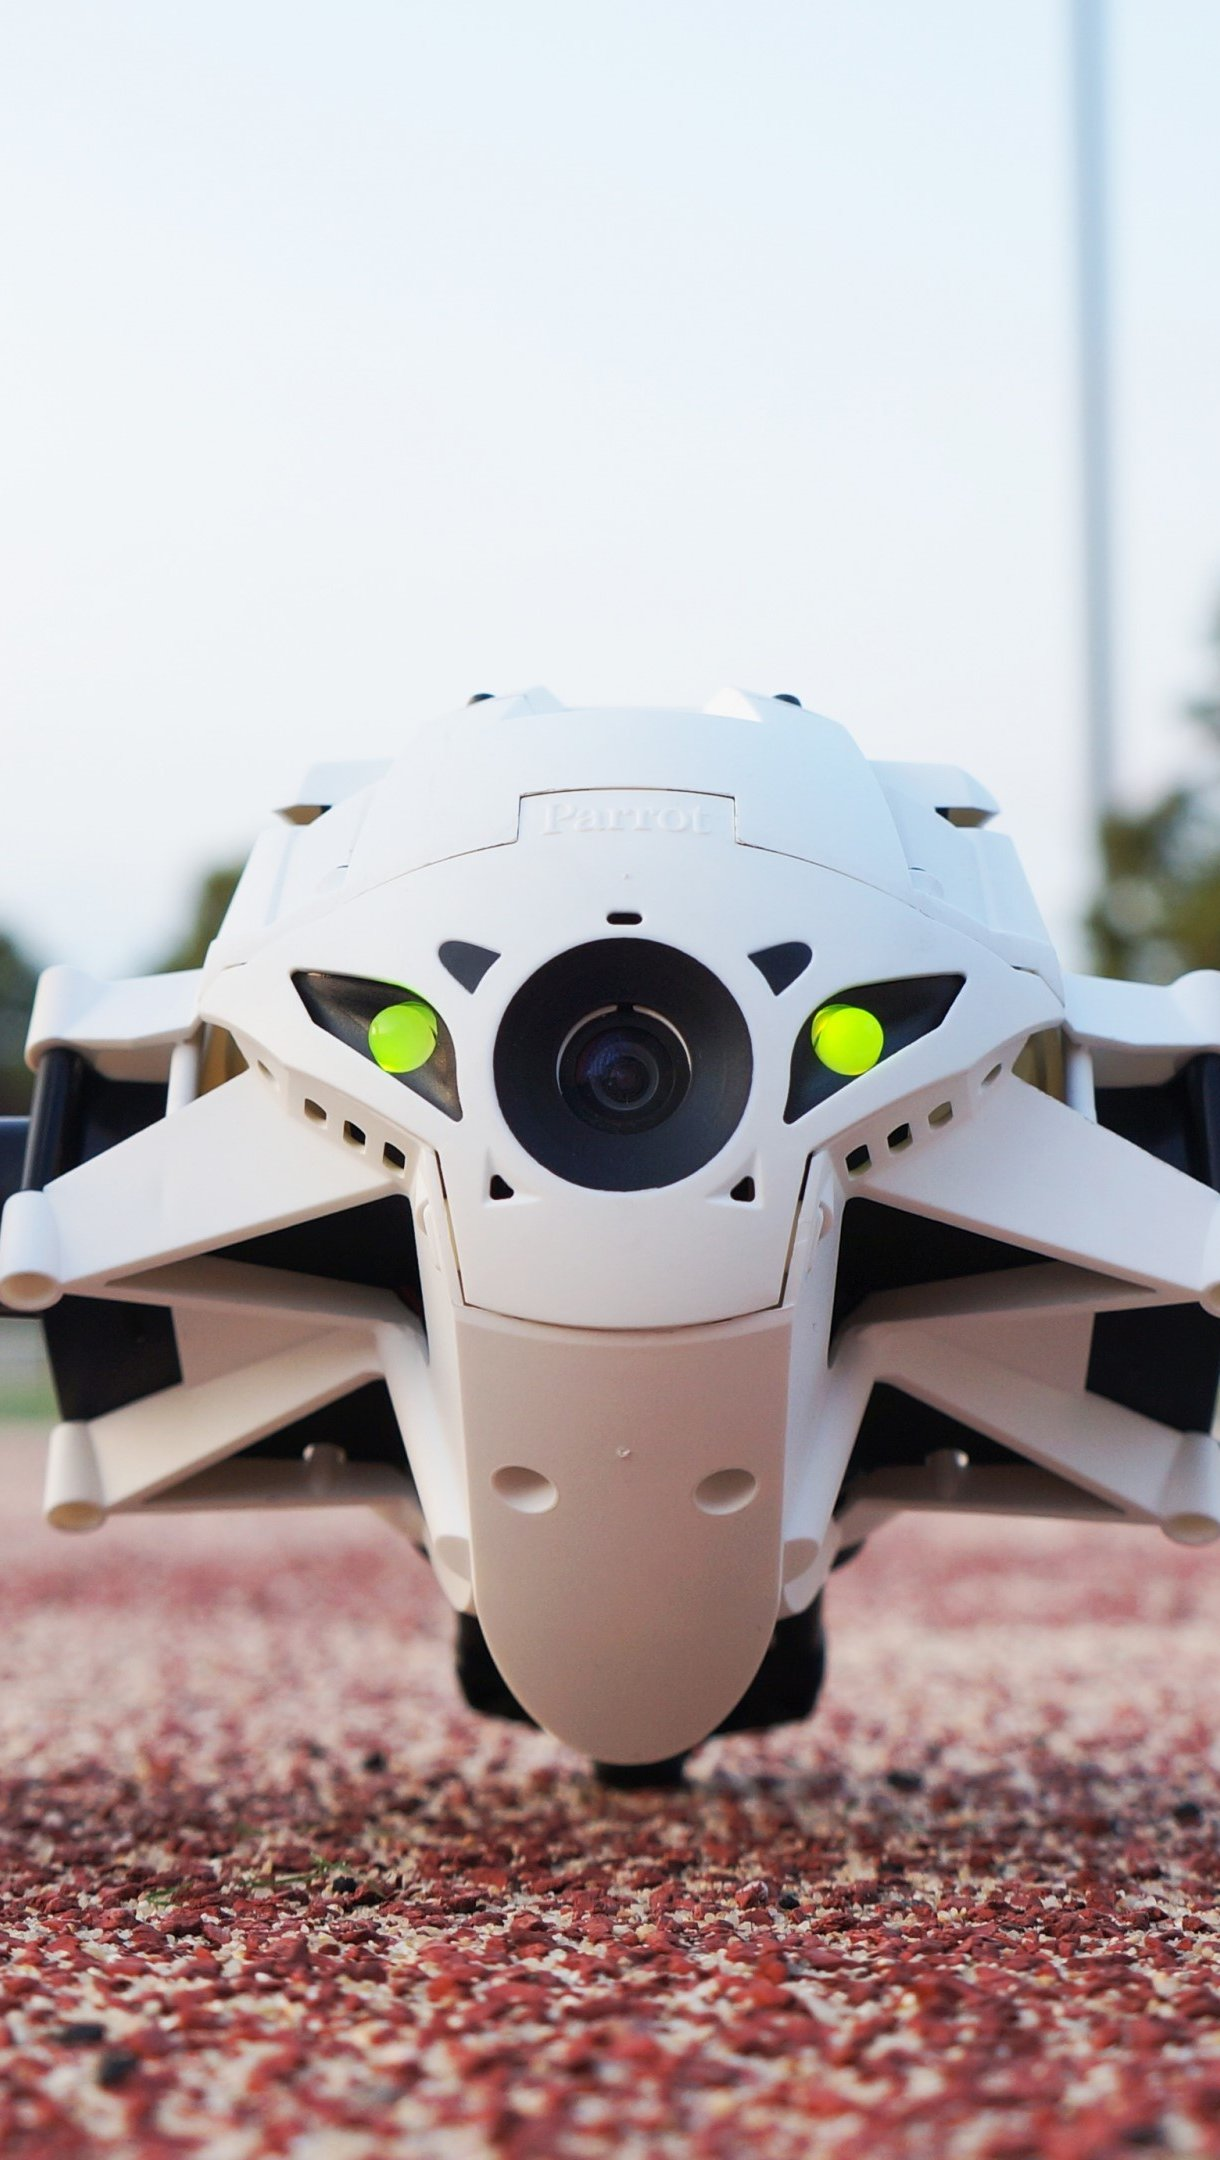 Fondos de pantalla Parrot Minidrone Jumping Sumo Vertical